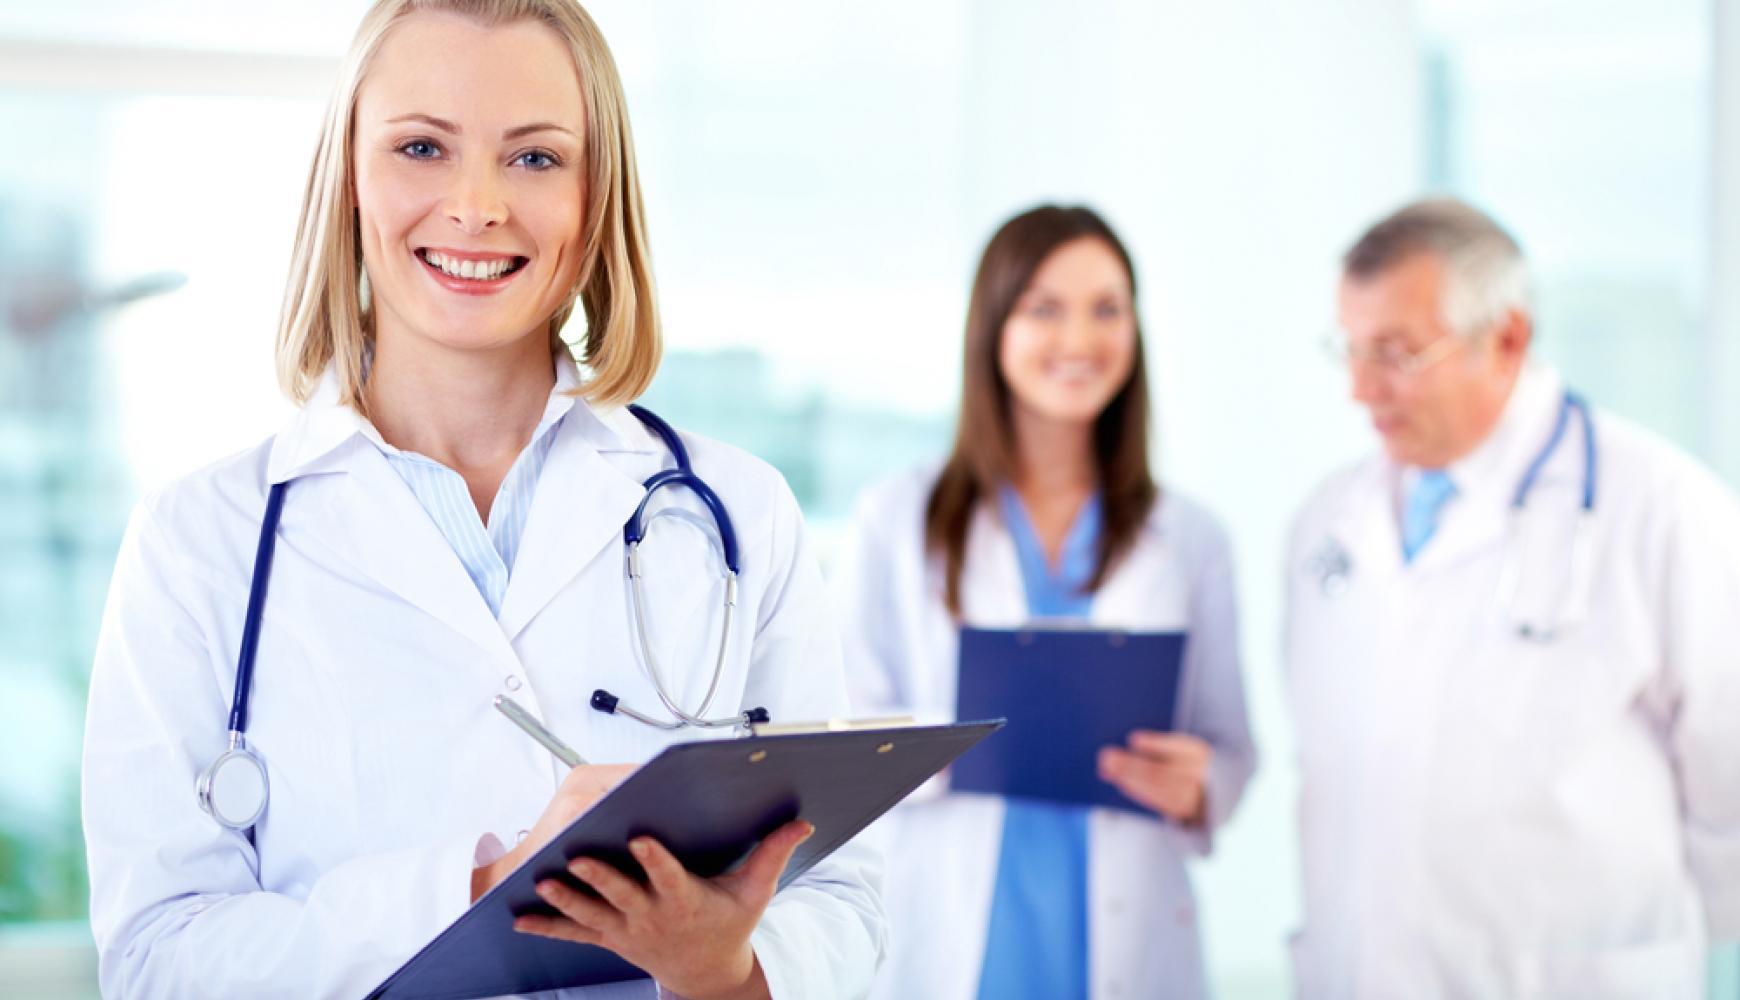 Associado tem desconto de 20% em exames de Medicina e Segurança do Trabalho